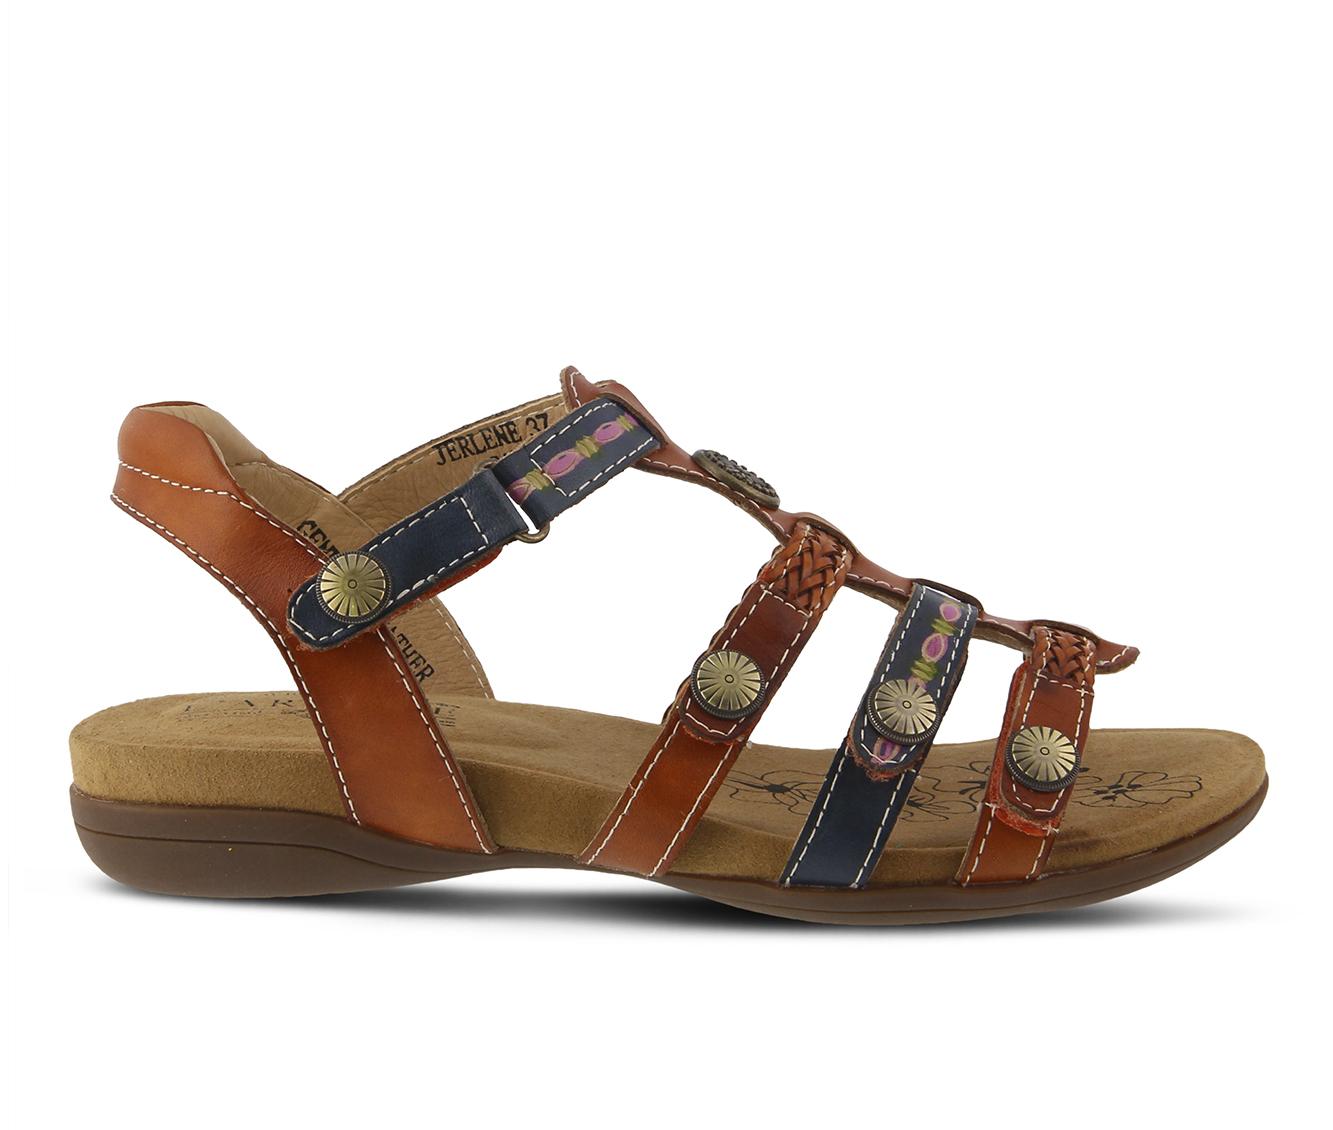 L'Artiste Jerlene Women's Sandal (Beige Leather)